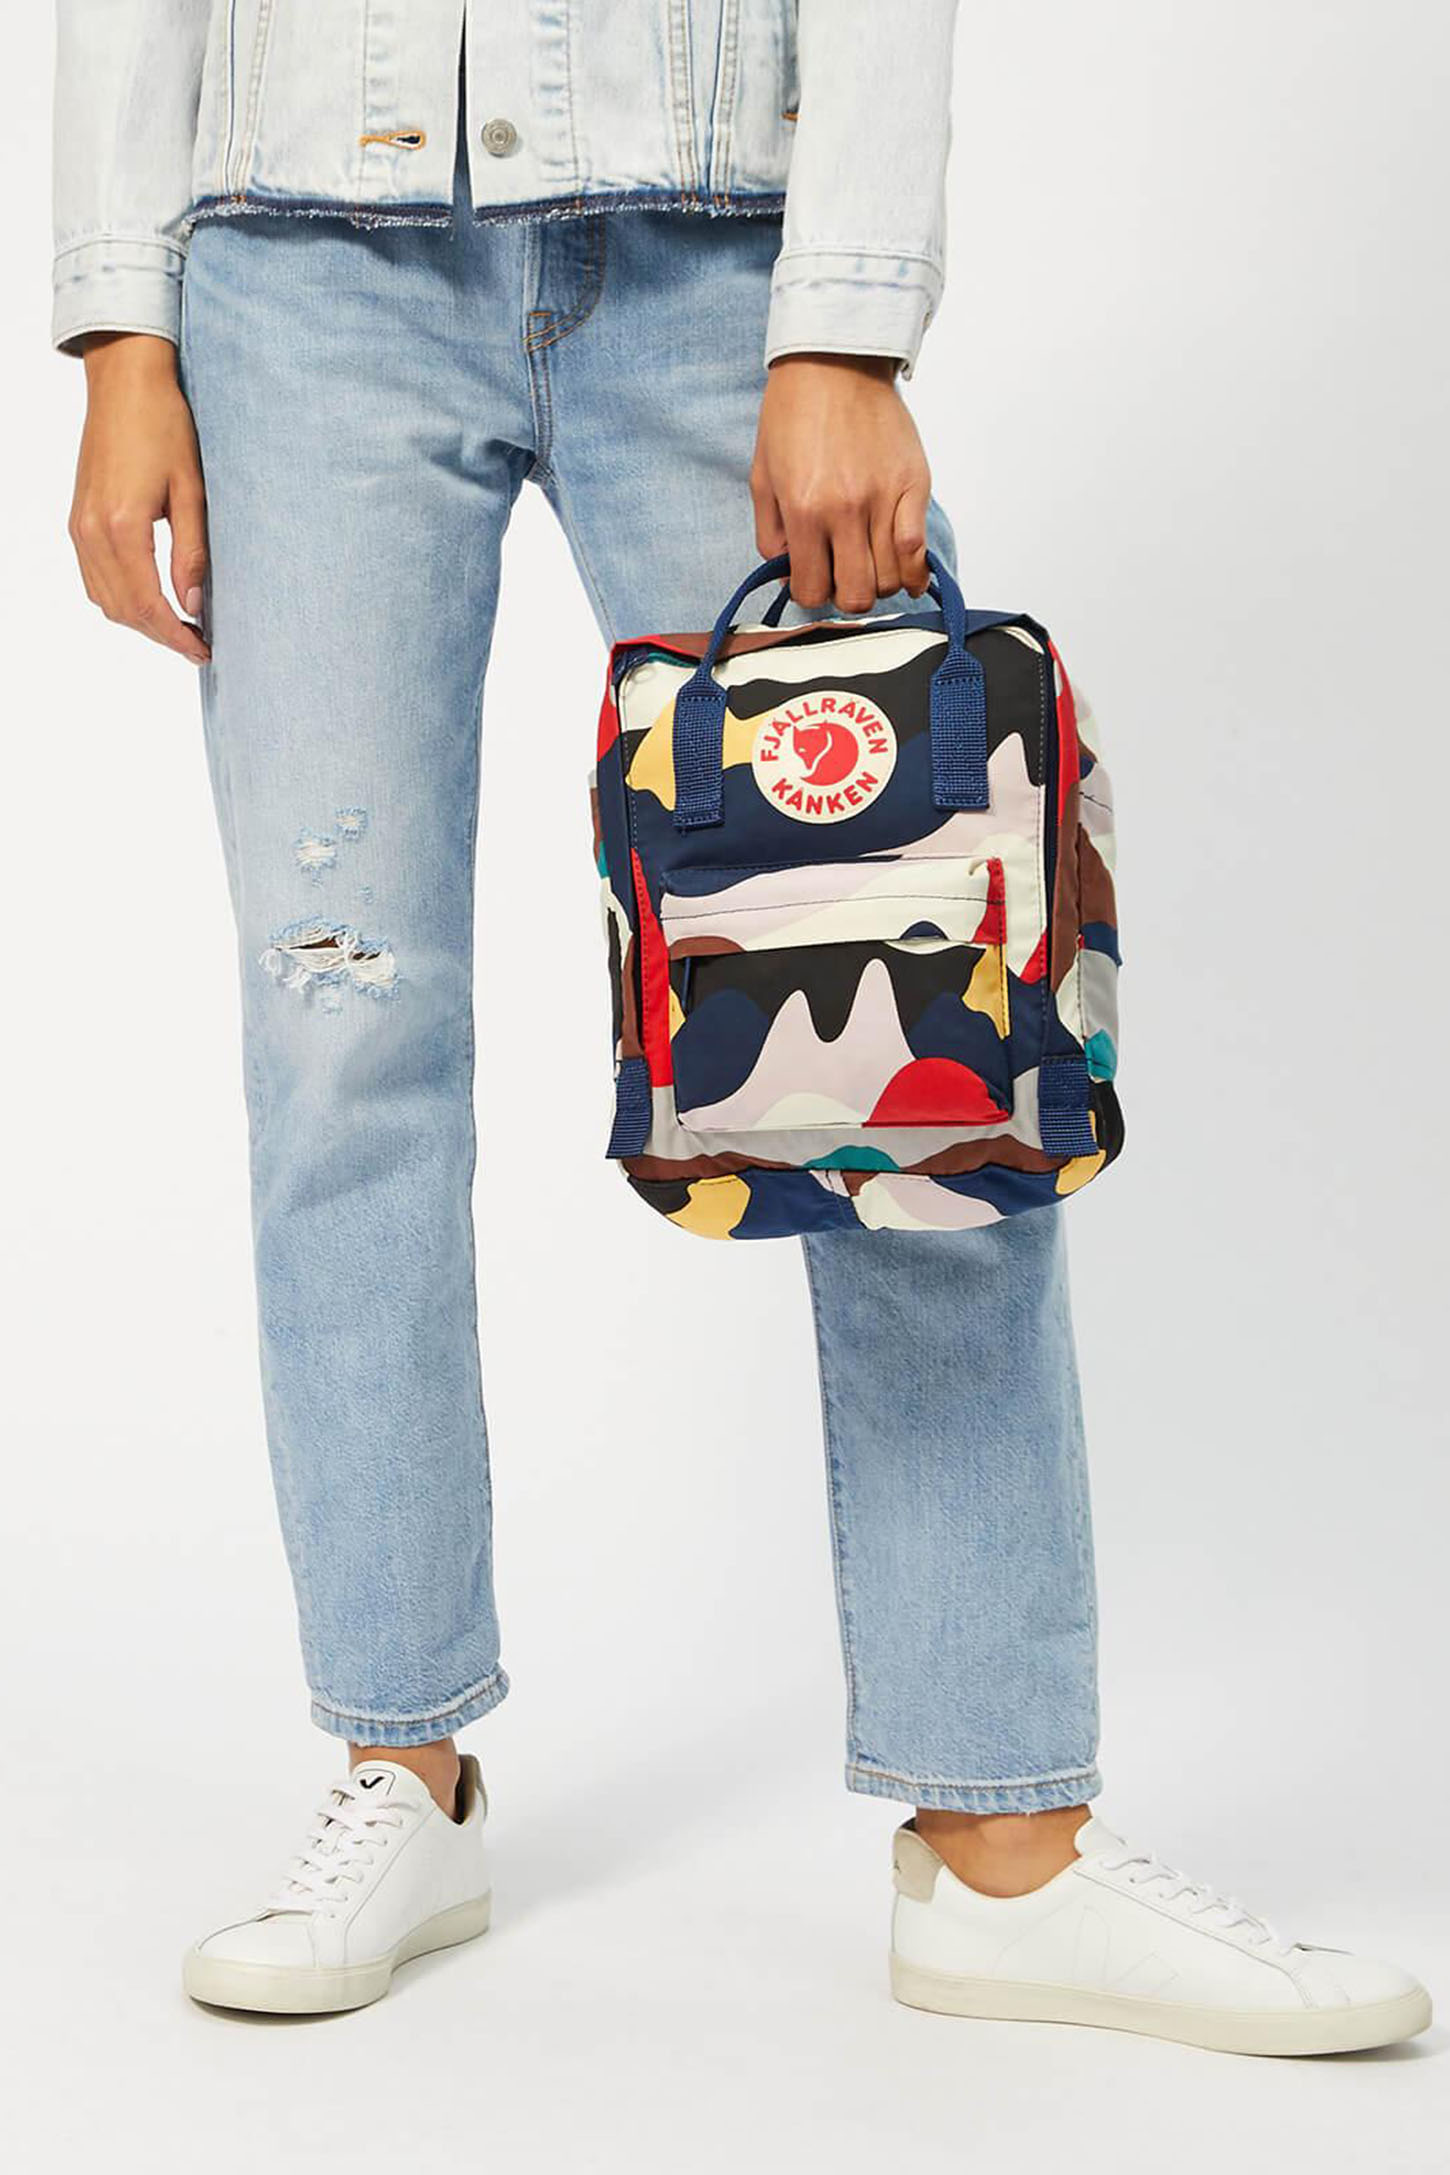 Fjallraven Kanken Art Mini bags